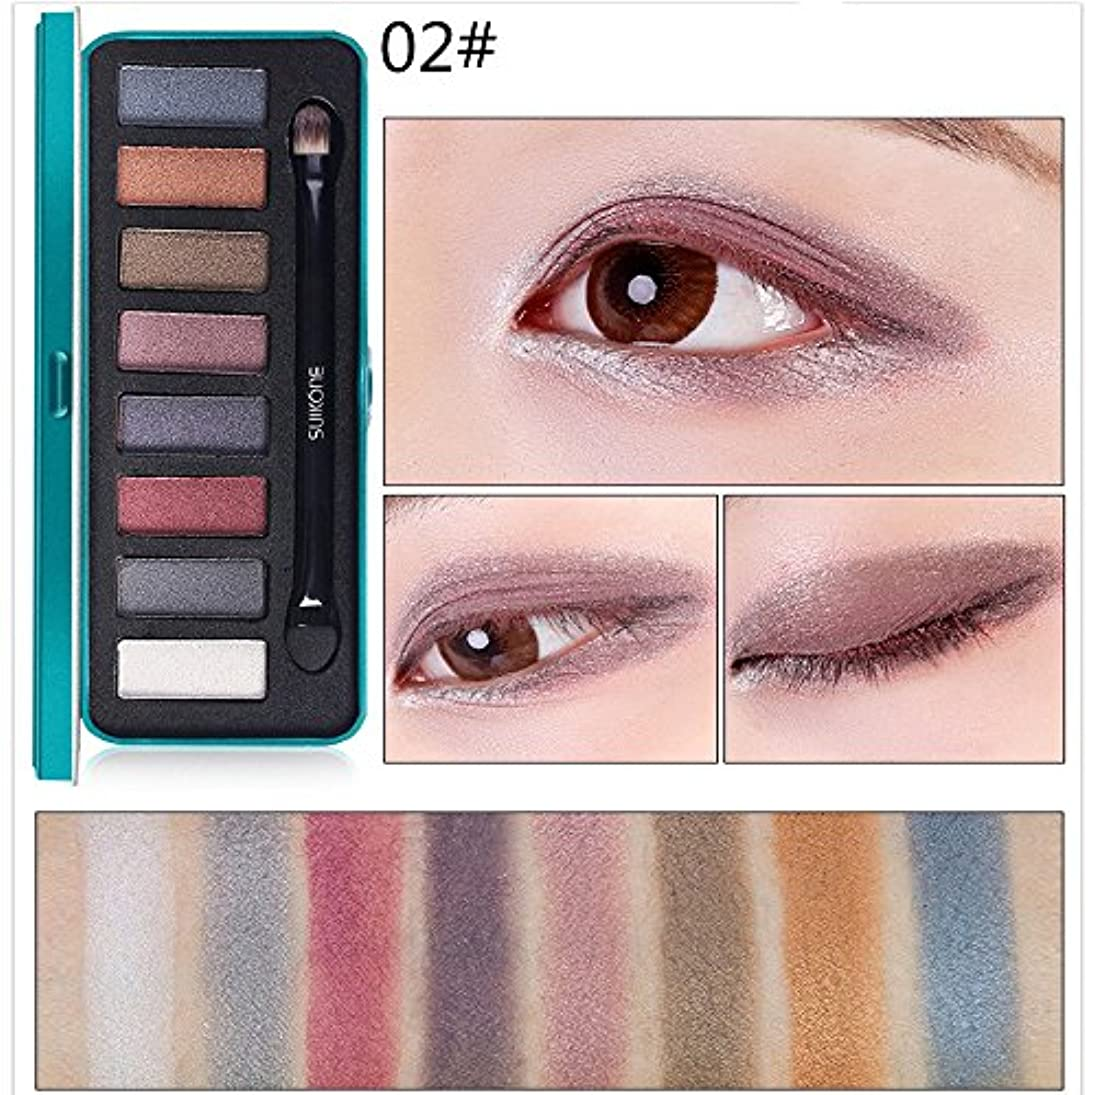 ひもスポンサー活性化するAkane アイシャドウパレット Suikone ファッション 人気 気質的 綺麗 メタルボックス 魅力的 チャーム 防水 長持ち おしゃれ 持ち便利 Eye Shadow (8色)